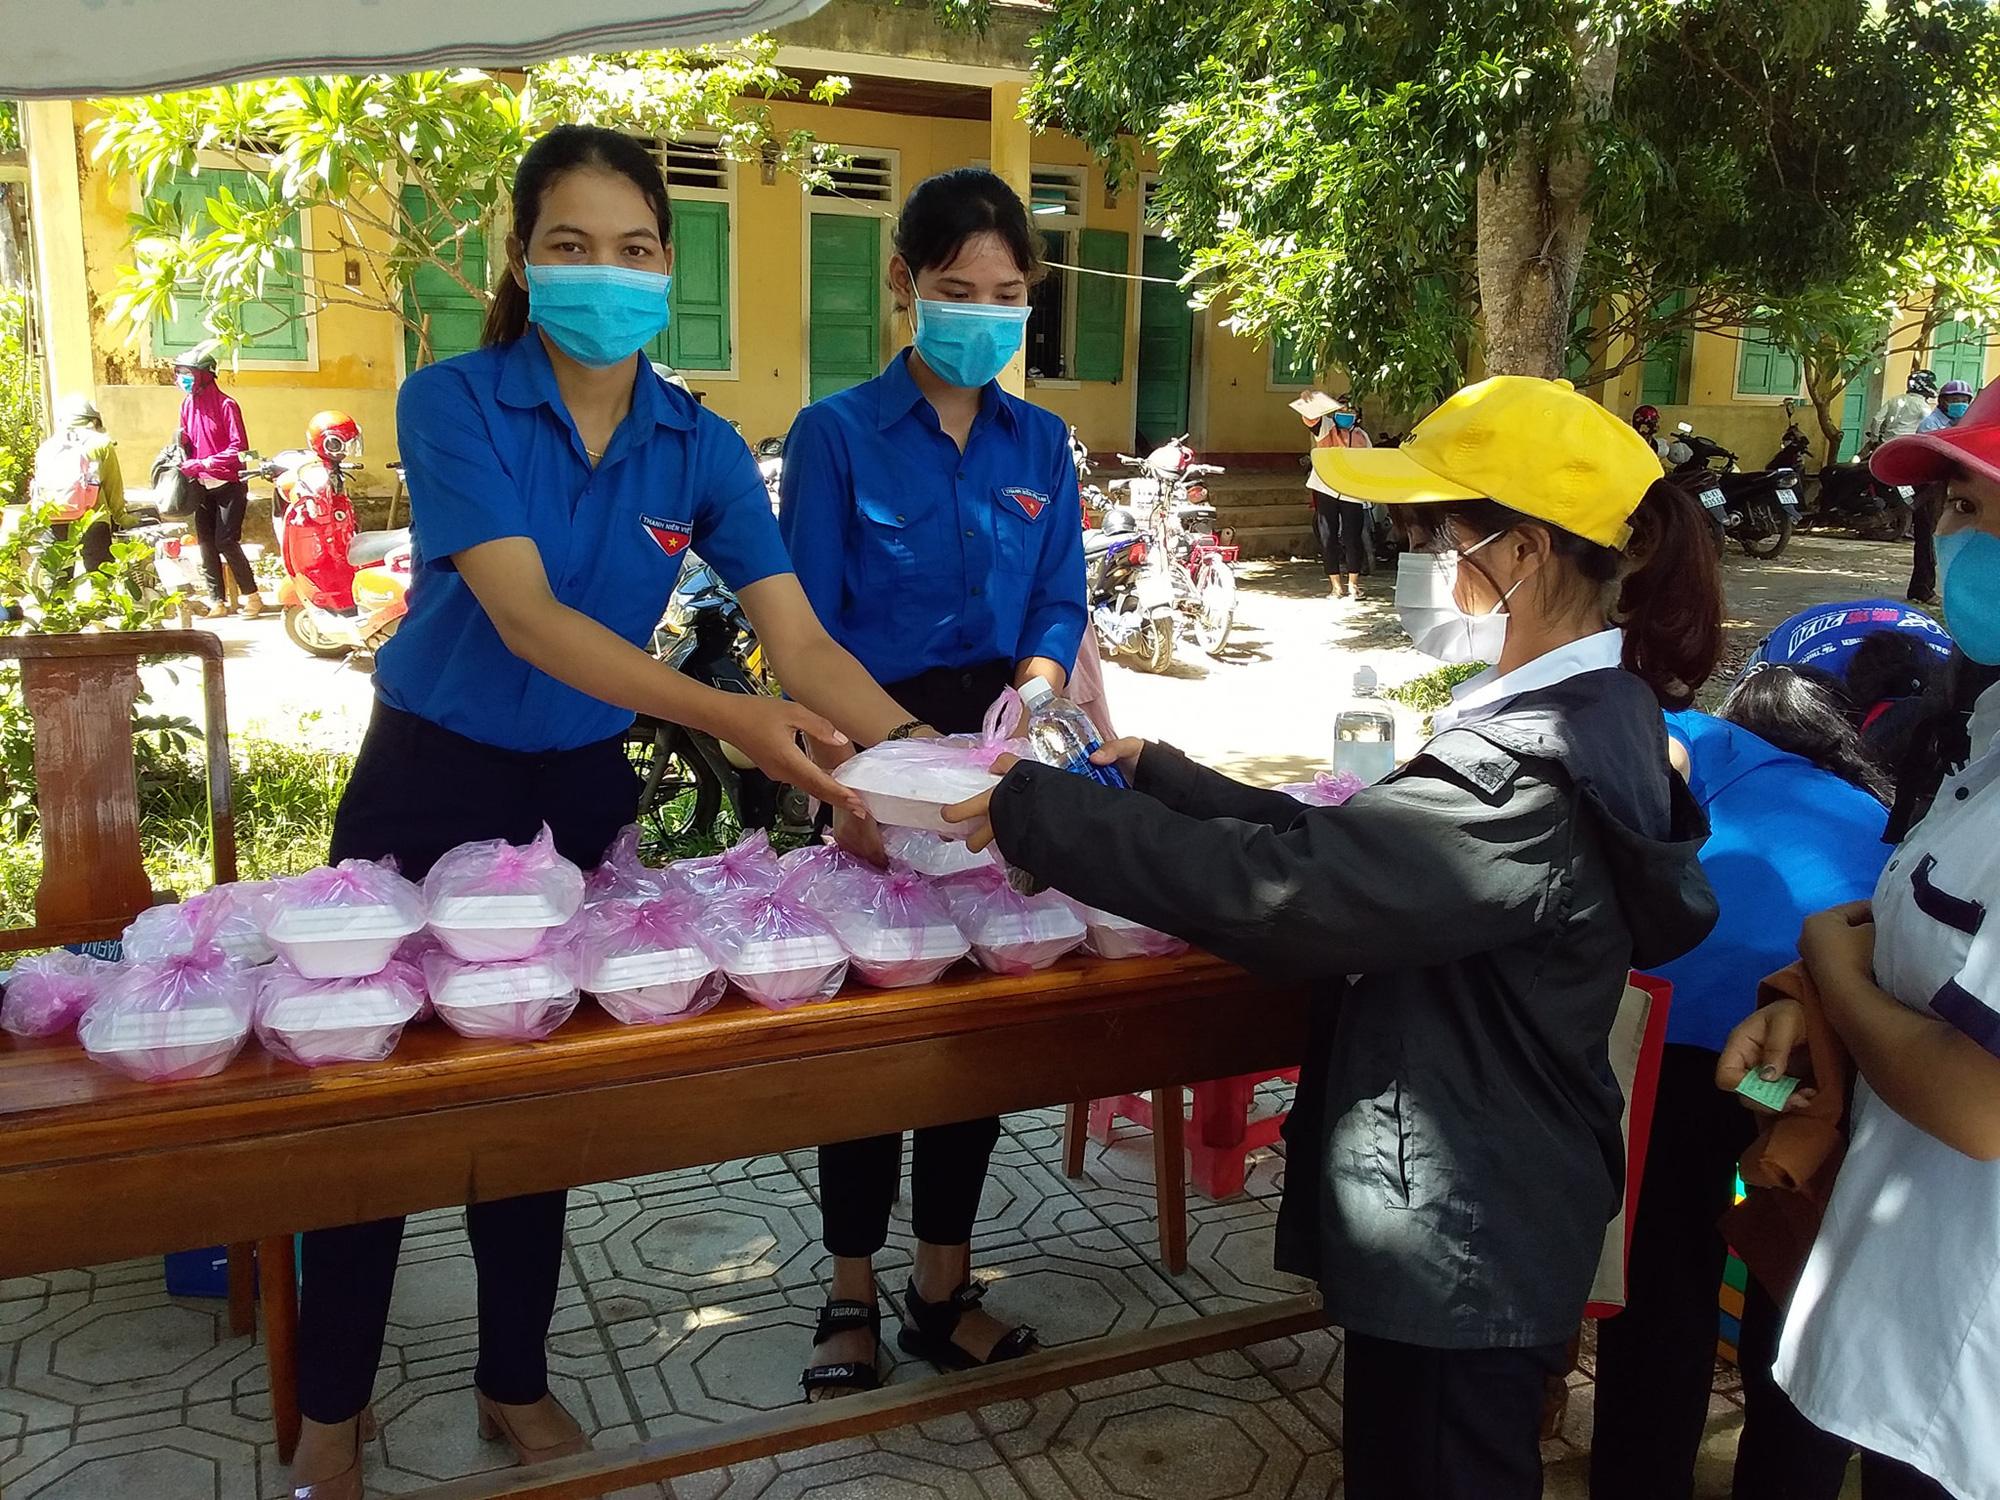 Quảng Trị: Đoàn viên nấu cơm cho sĩ tử xa nhà vì quán cơm đồng loạt đóng cửa - Ảnh 5.